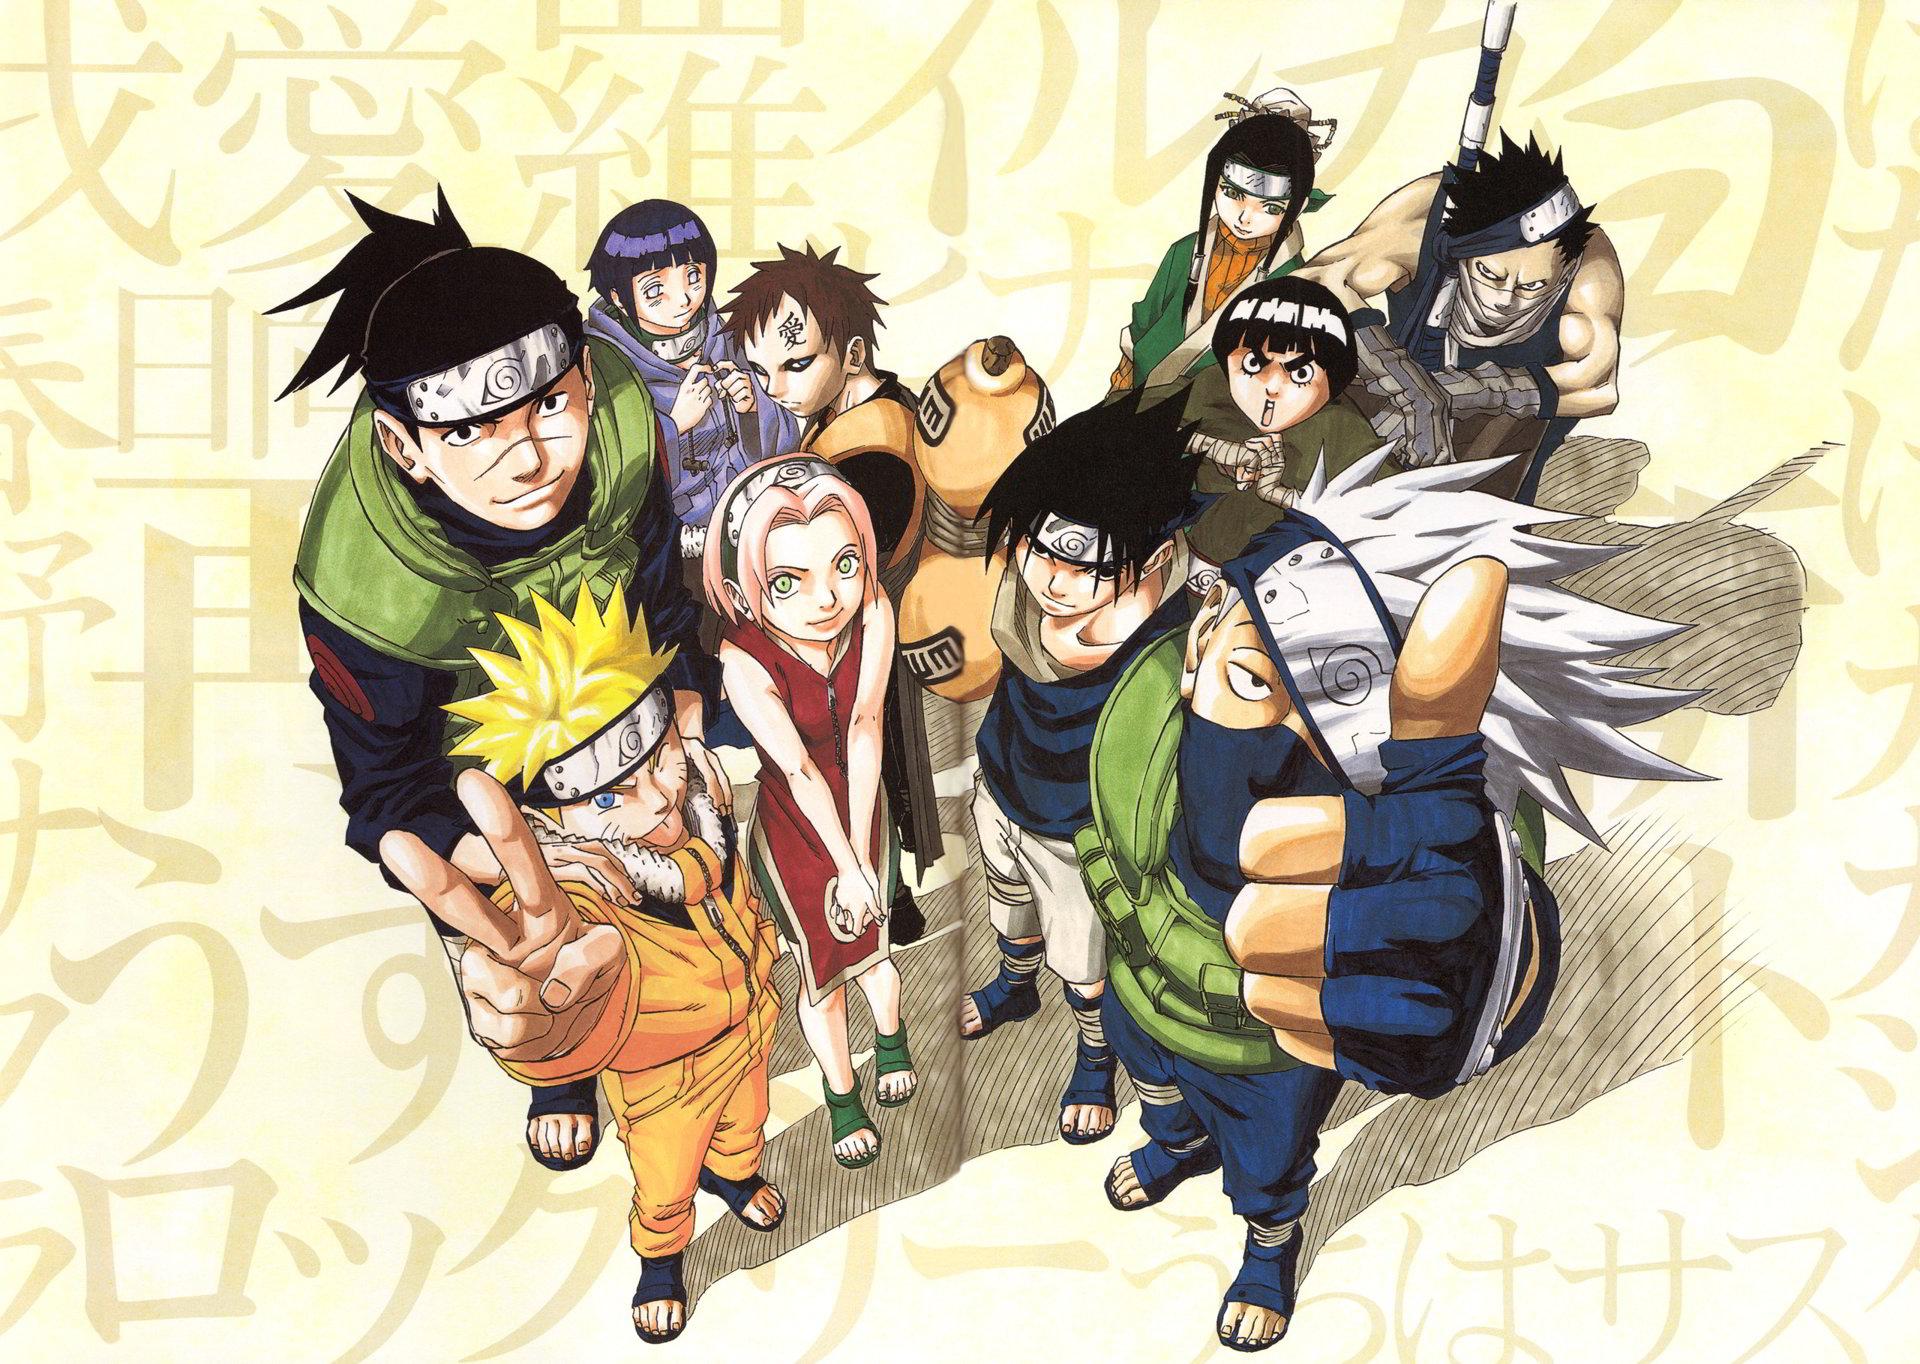 ảnh về các nhân vật Naruto